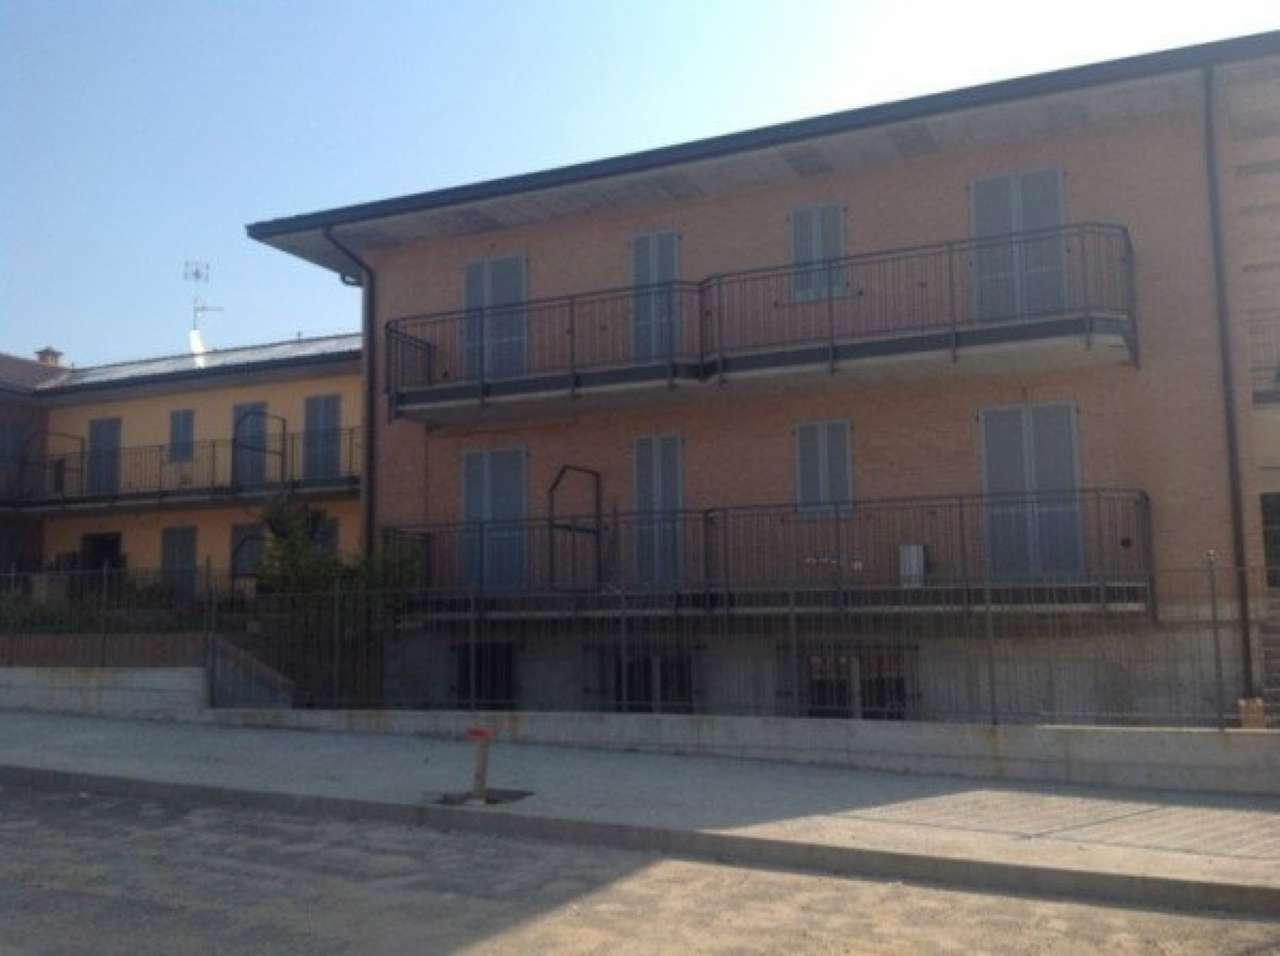 Ufficio / Studio in affitto a Pavia, 3 locali, prezzo € 800   CambioCasa.it